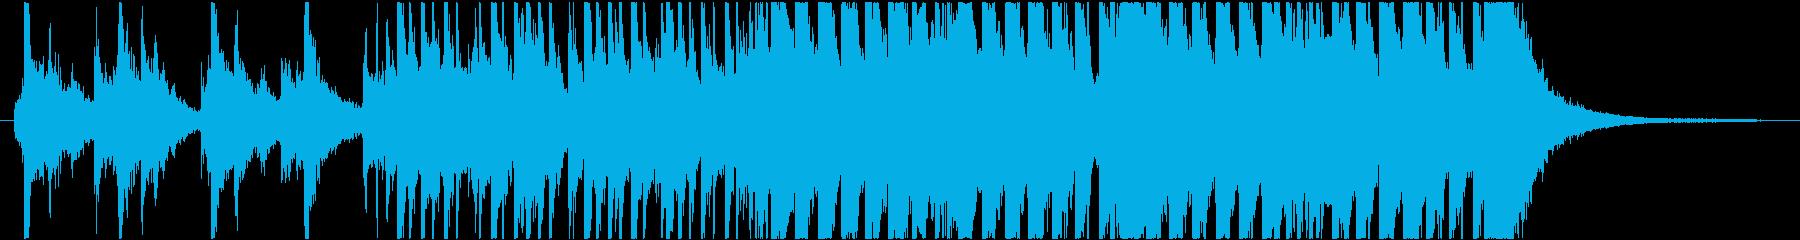 ティーン カントリー コーポレート...の再生済みの波形